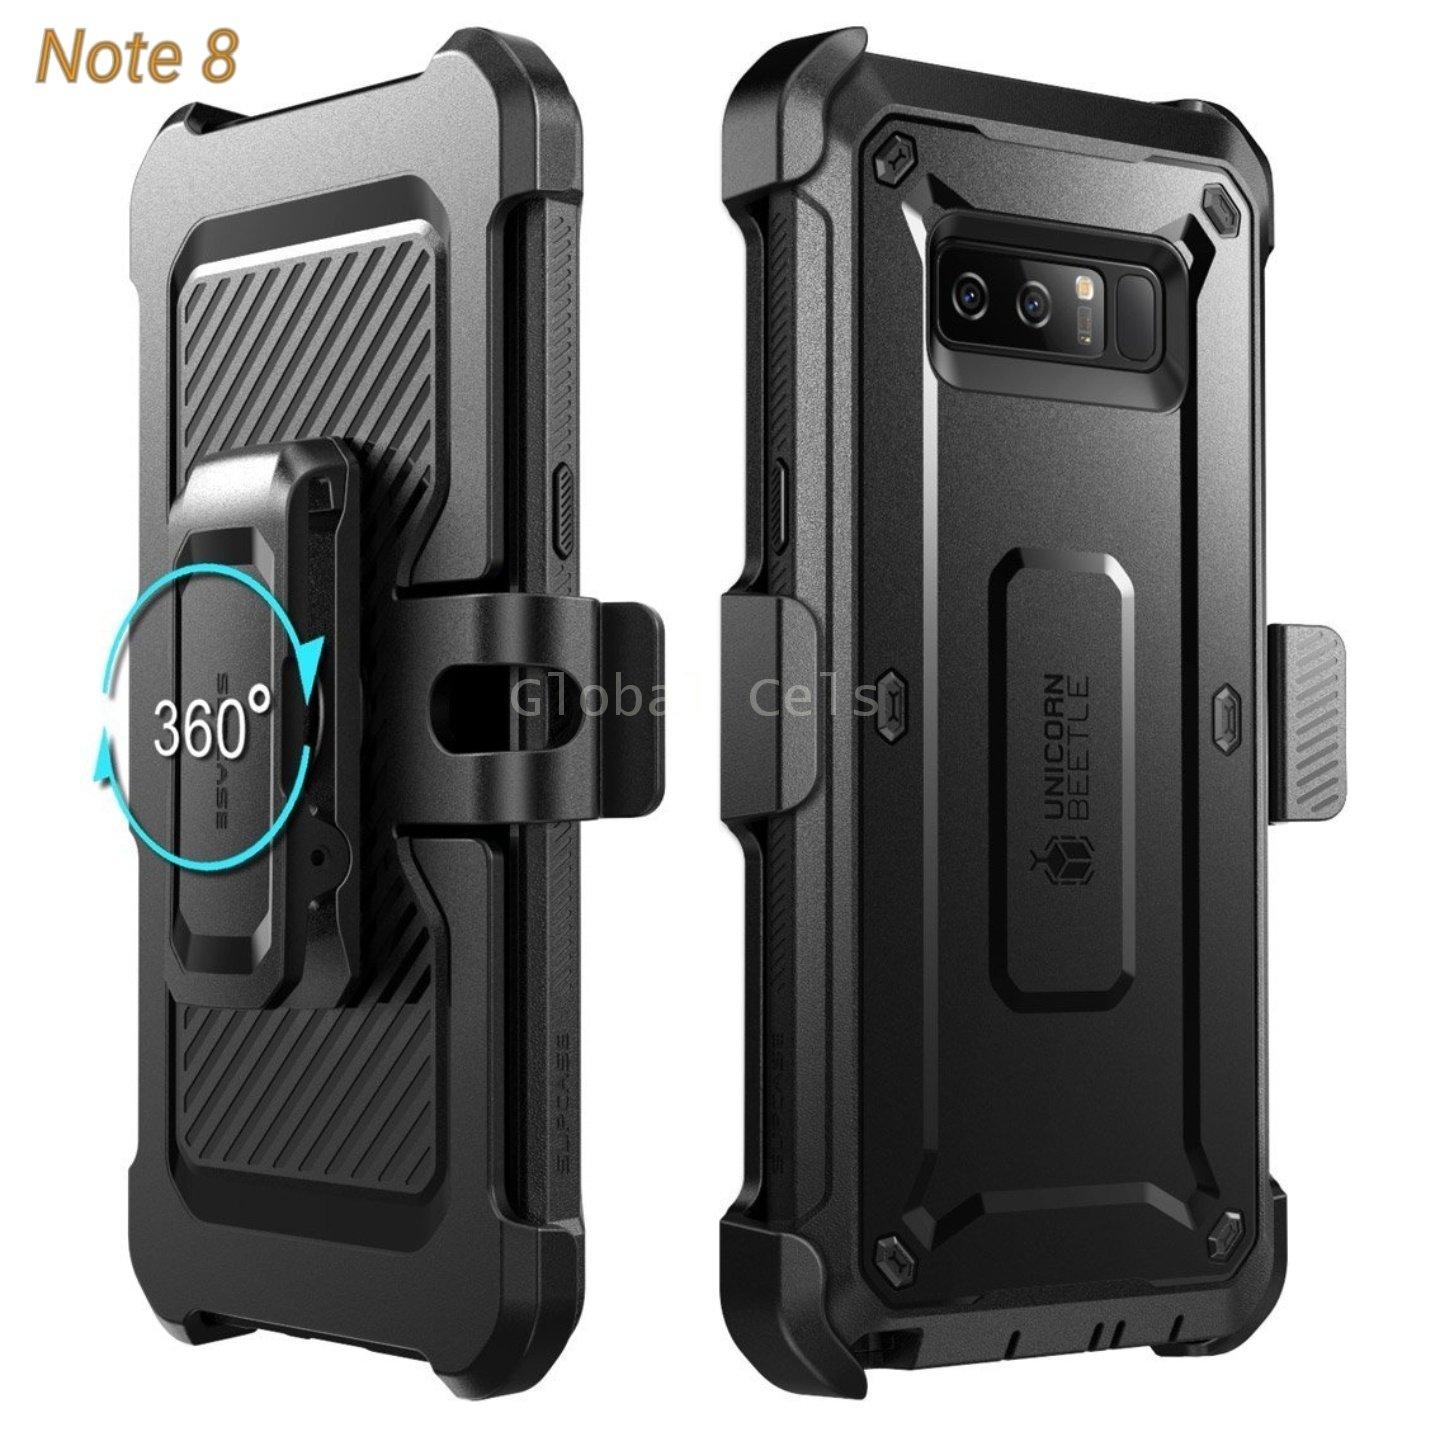 Case Protector Galaxy Note 8 Carcasa USA 360 c/ Mica c/ Gancho Parante 00277